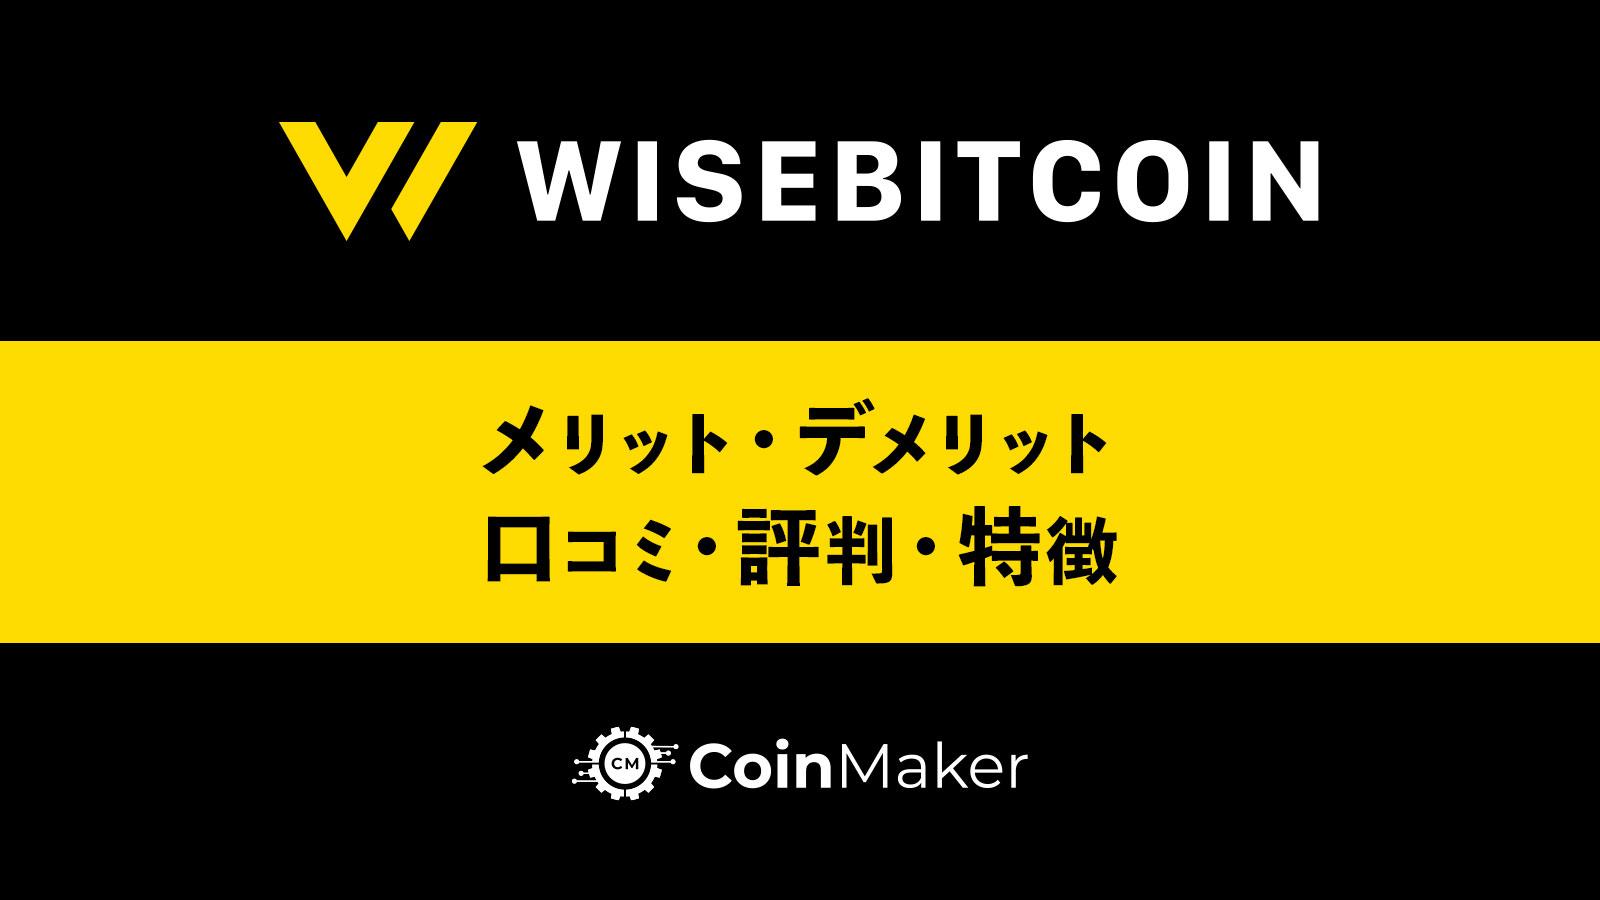 Wisebitcoin(ワイズビットコイン)特徴・評判をわかりやすく解説